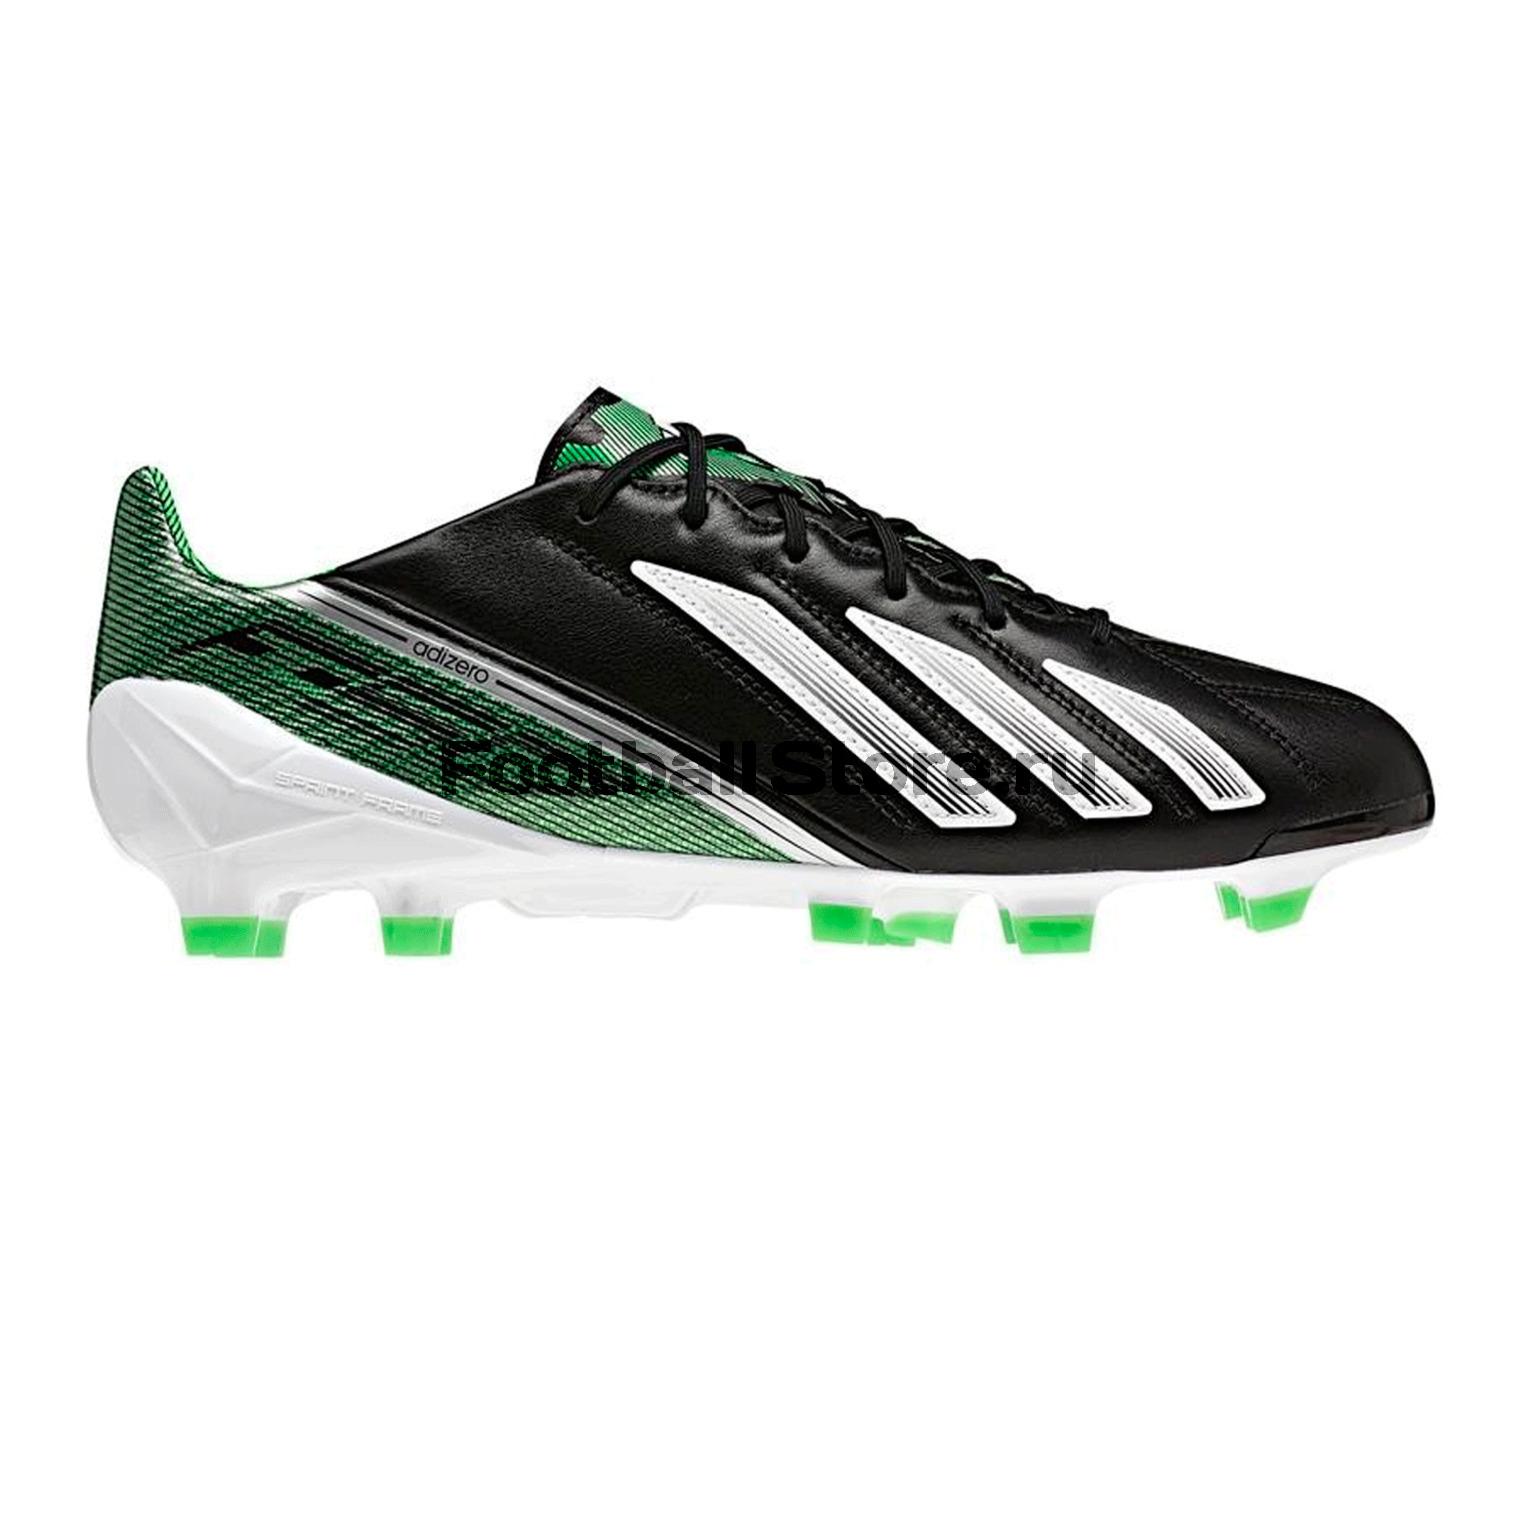 1c0ecc6ec48f Download (1500x1500) · Бутсы Adidas F50 Adizero TRX LTR FG G65303 - купить  бутсы в интернет магазине footballstore, Download (1024x1024) · Купить  Бутсы NIKE ...